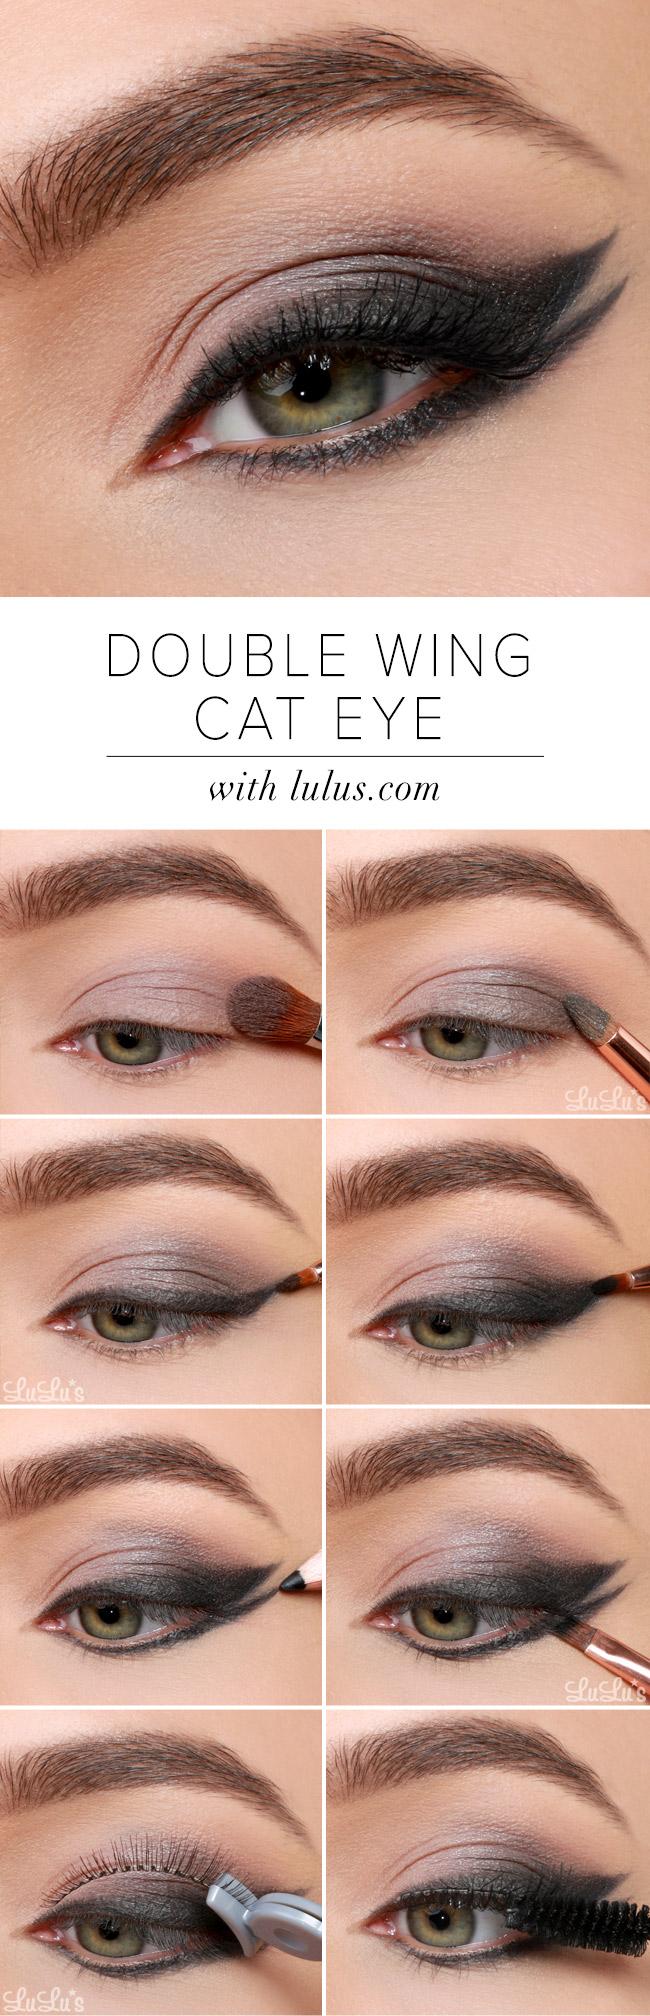 double-wing-cat-eye-